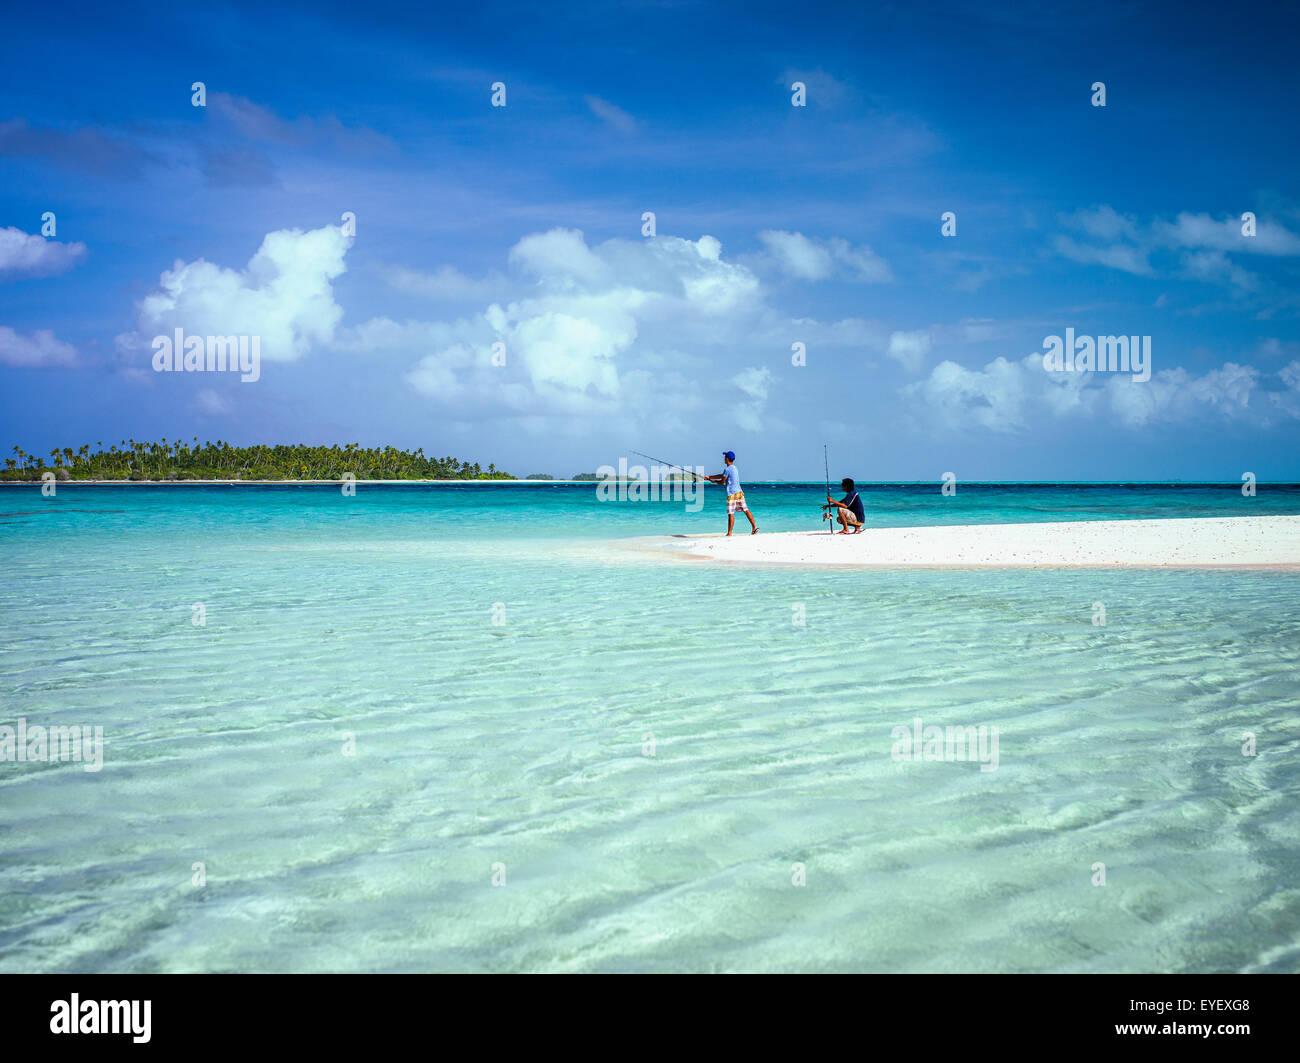 Fishing on an atoll; Kiribati Islands - Stock Image